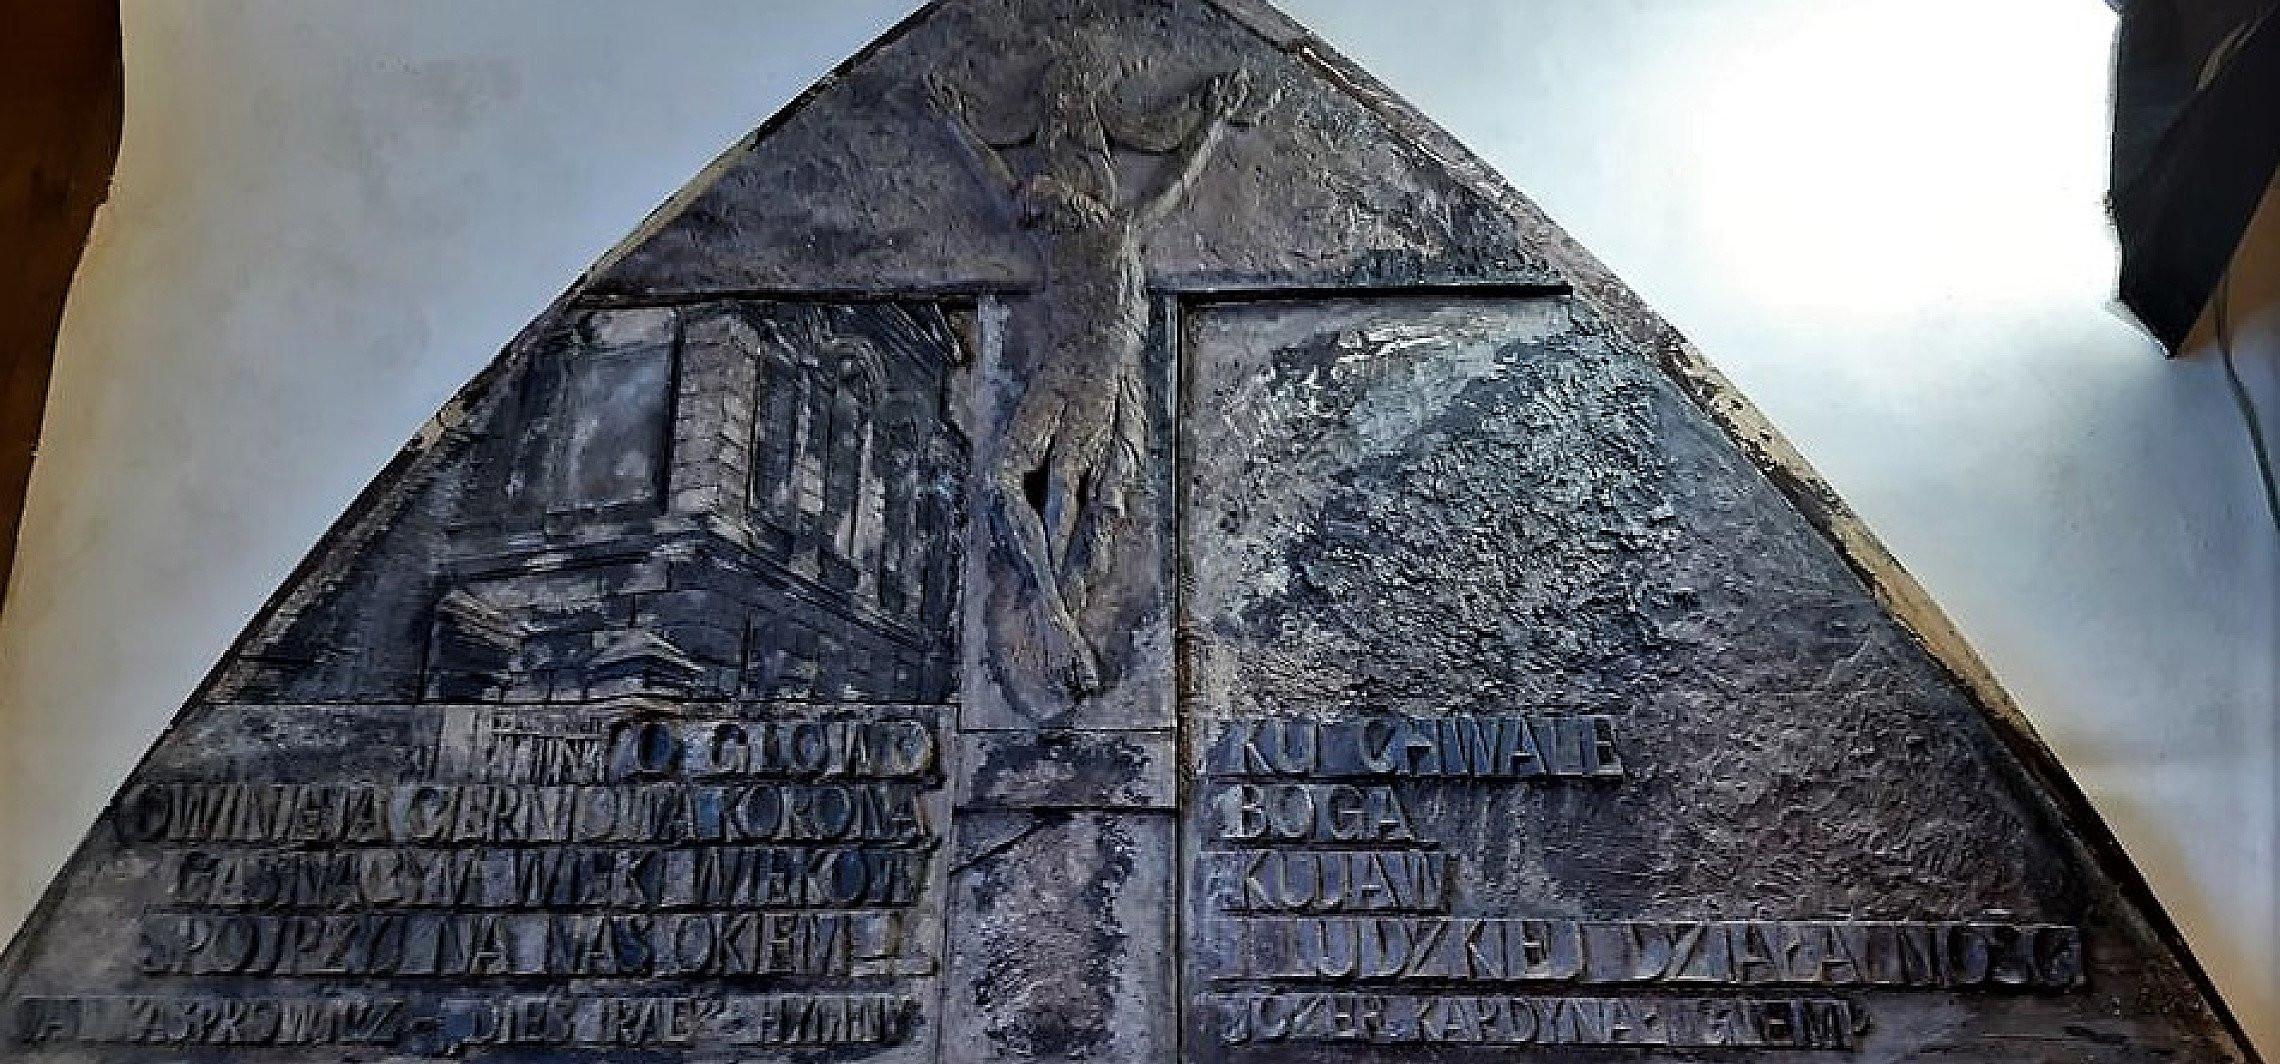 Inowrocław - Drzwi jubileuszowe do fary coraz bliżej